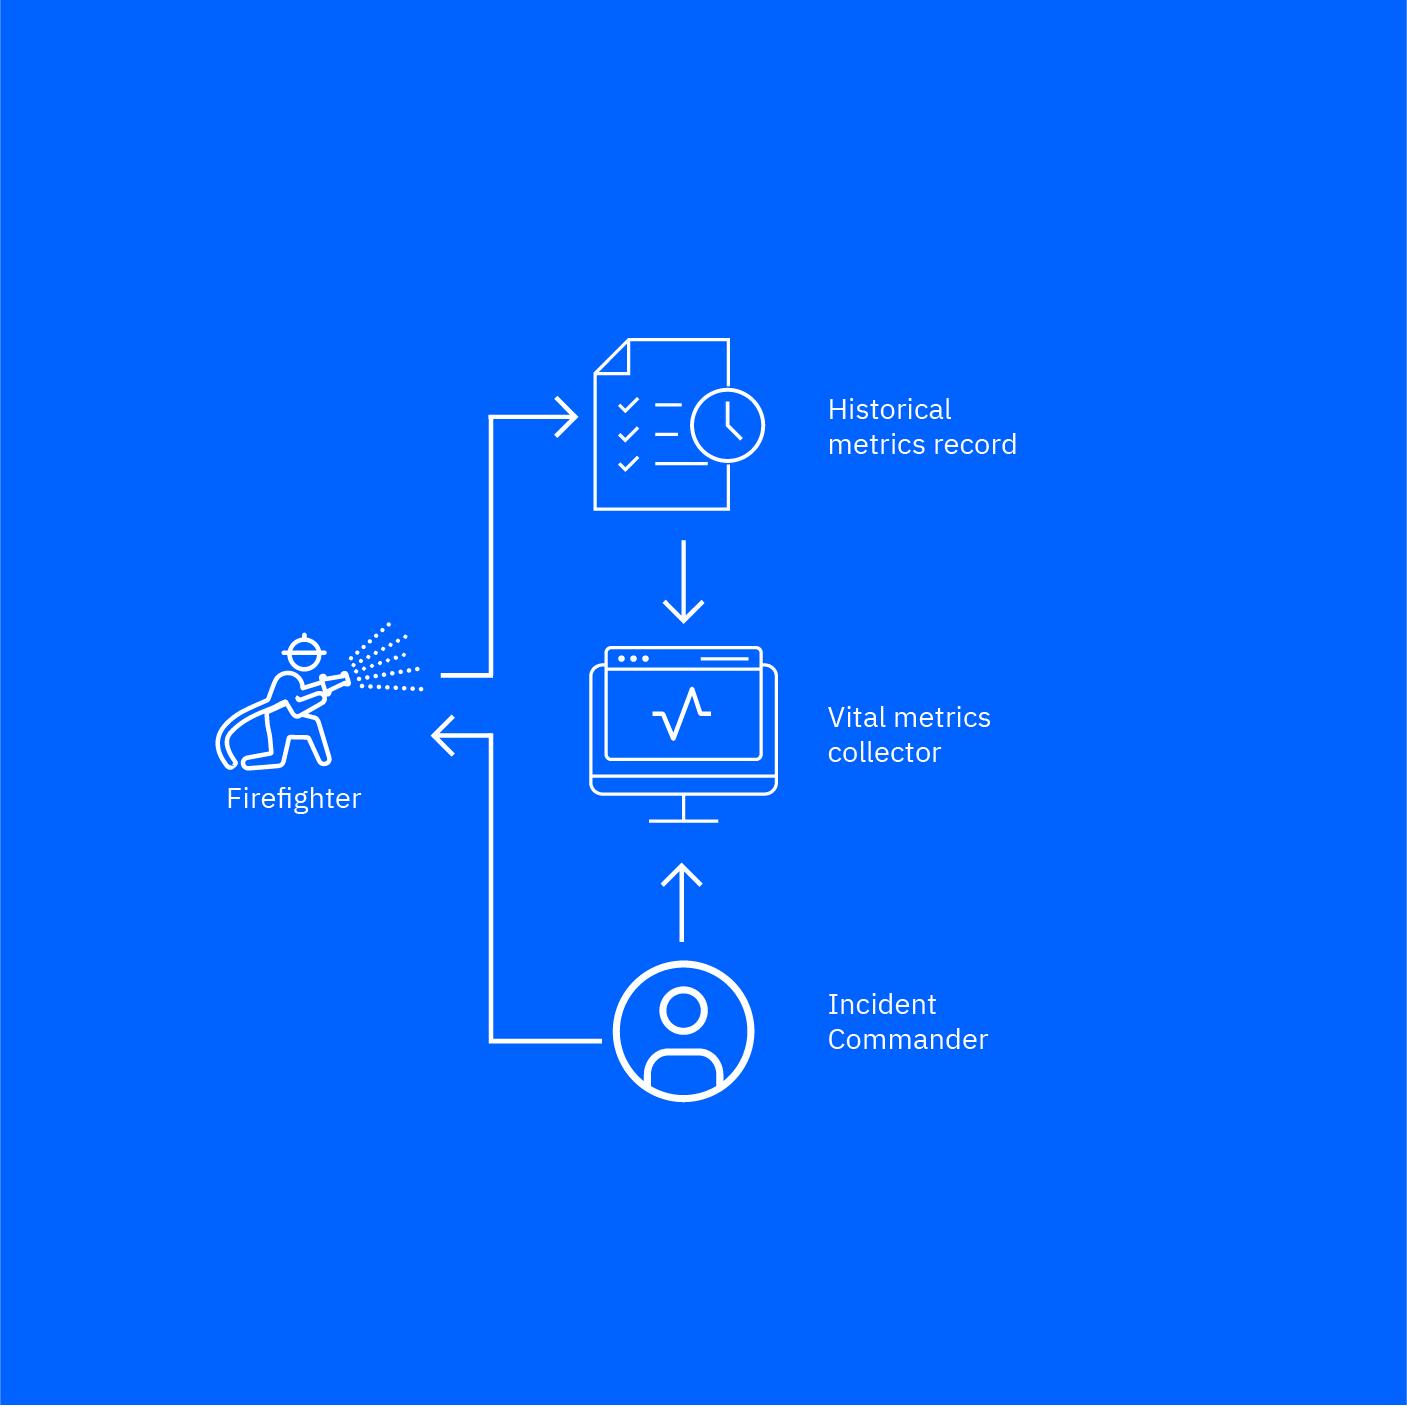 Prometeo's solution diagram